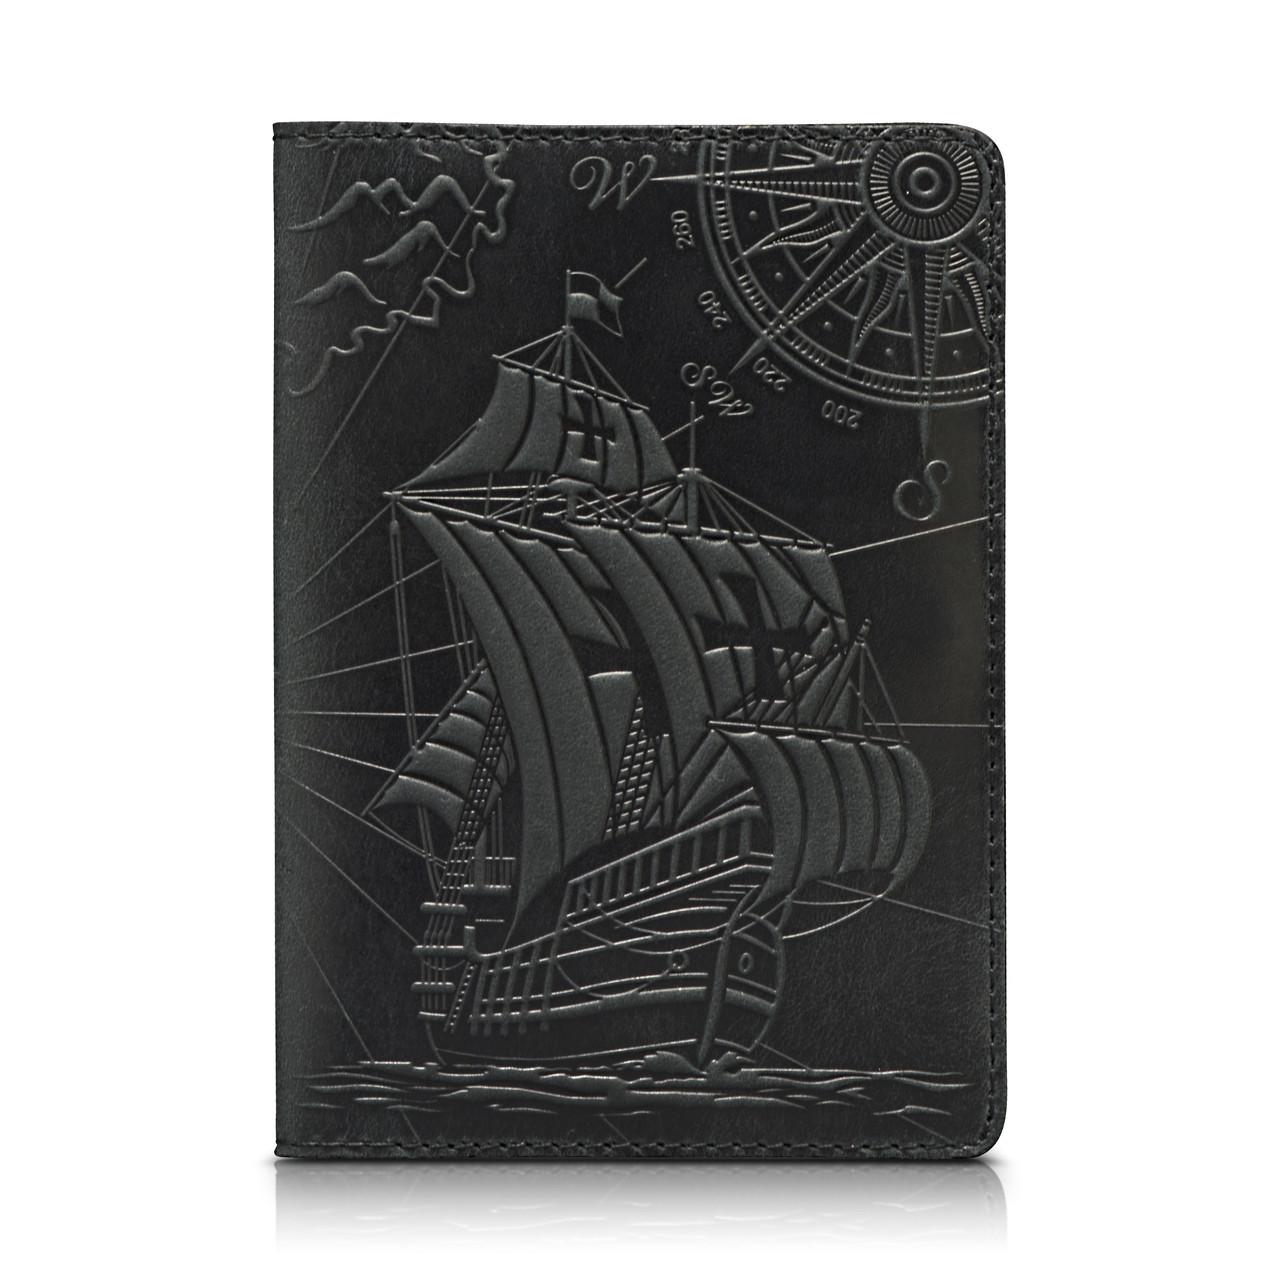 """Обкладинка для паспорта шкіряна з кишенями для карт Shabby """"Відкриття"""". Колір чорний"""